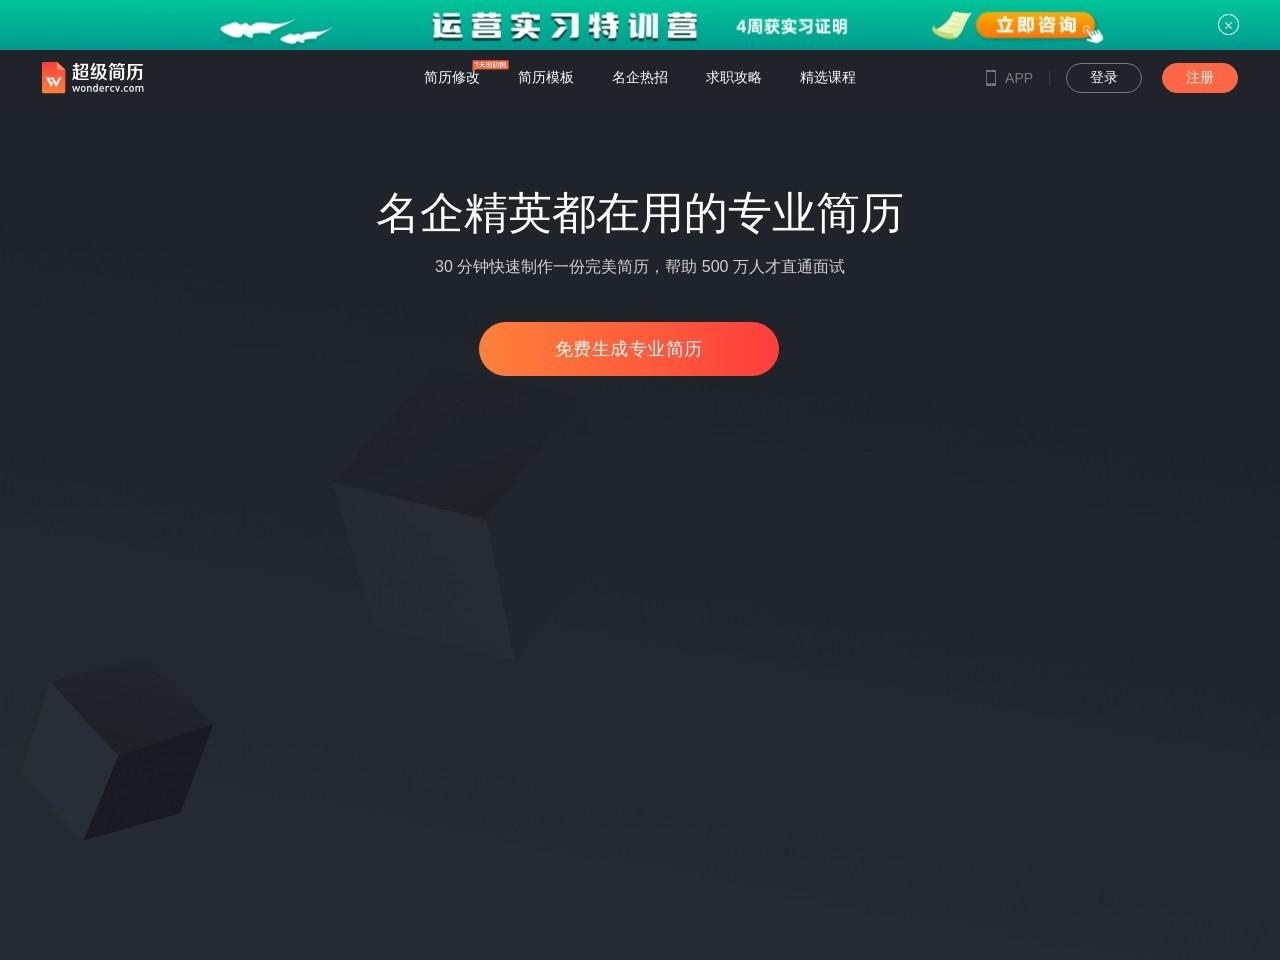 超级简历WonderCV的网站截图